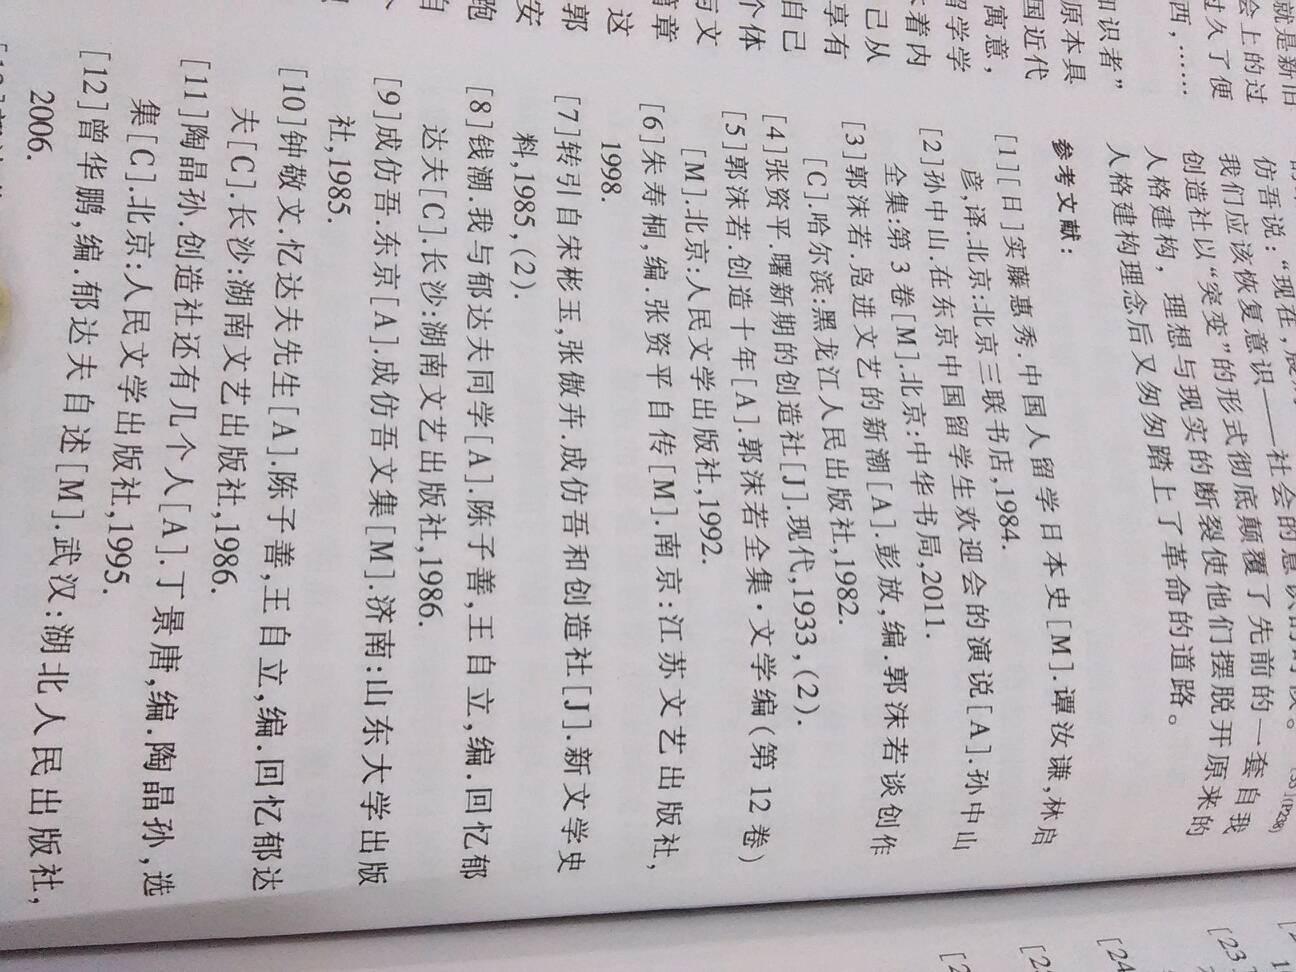 思科书籍的参考文献_图中参考文献的书籍后面,怎么都跟着英文字母,这些英文字母 ...